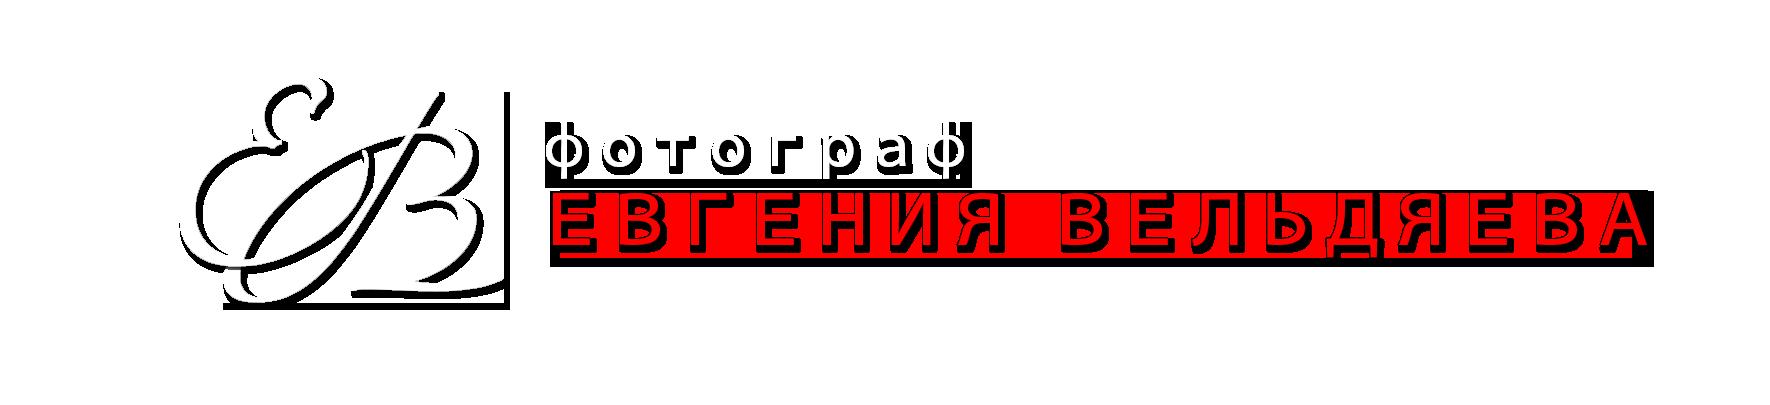 Евгения Вельдяева